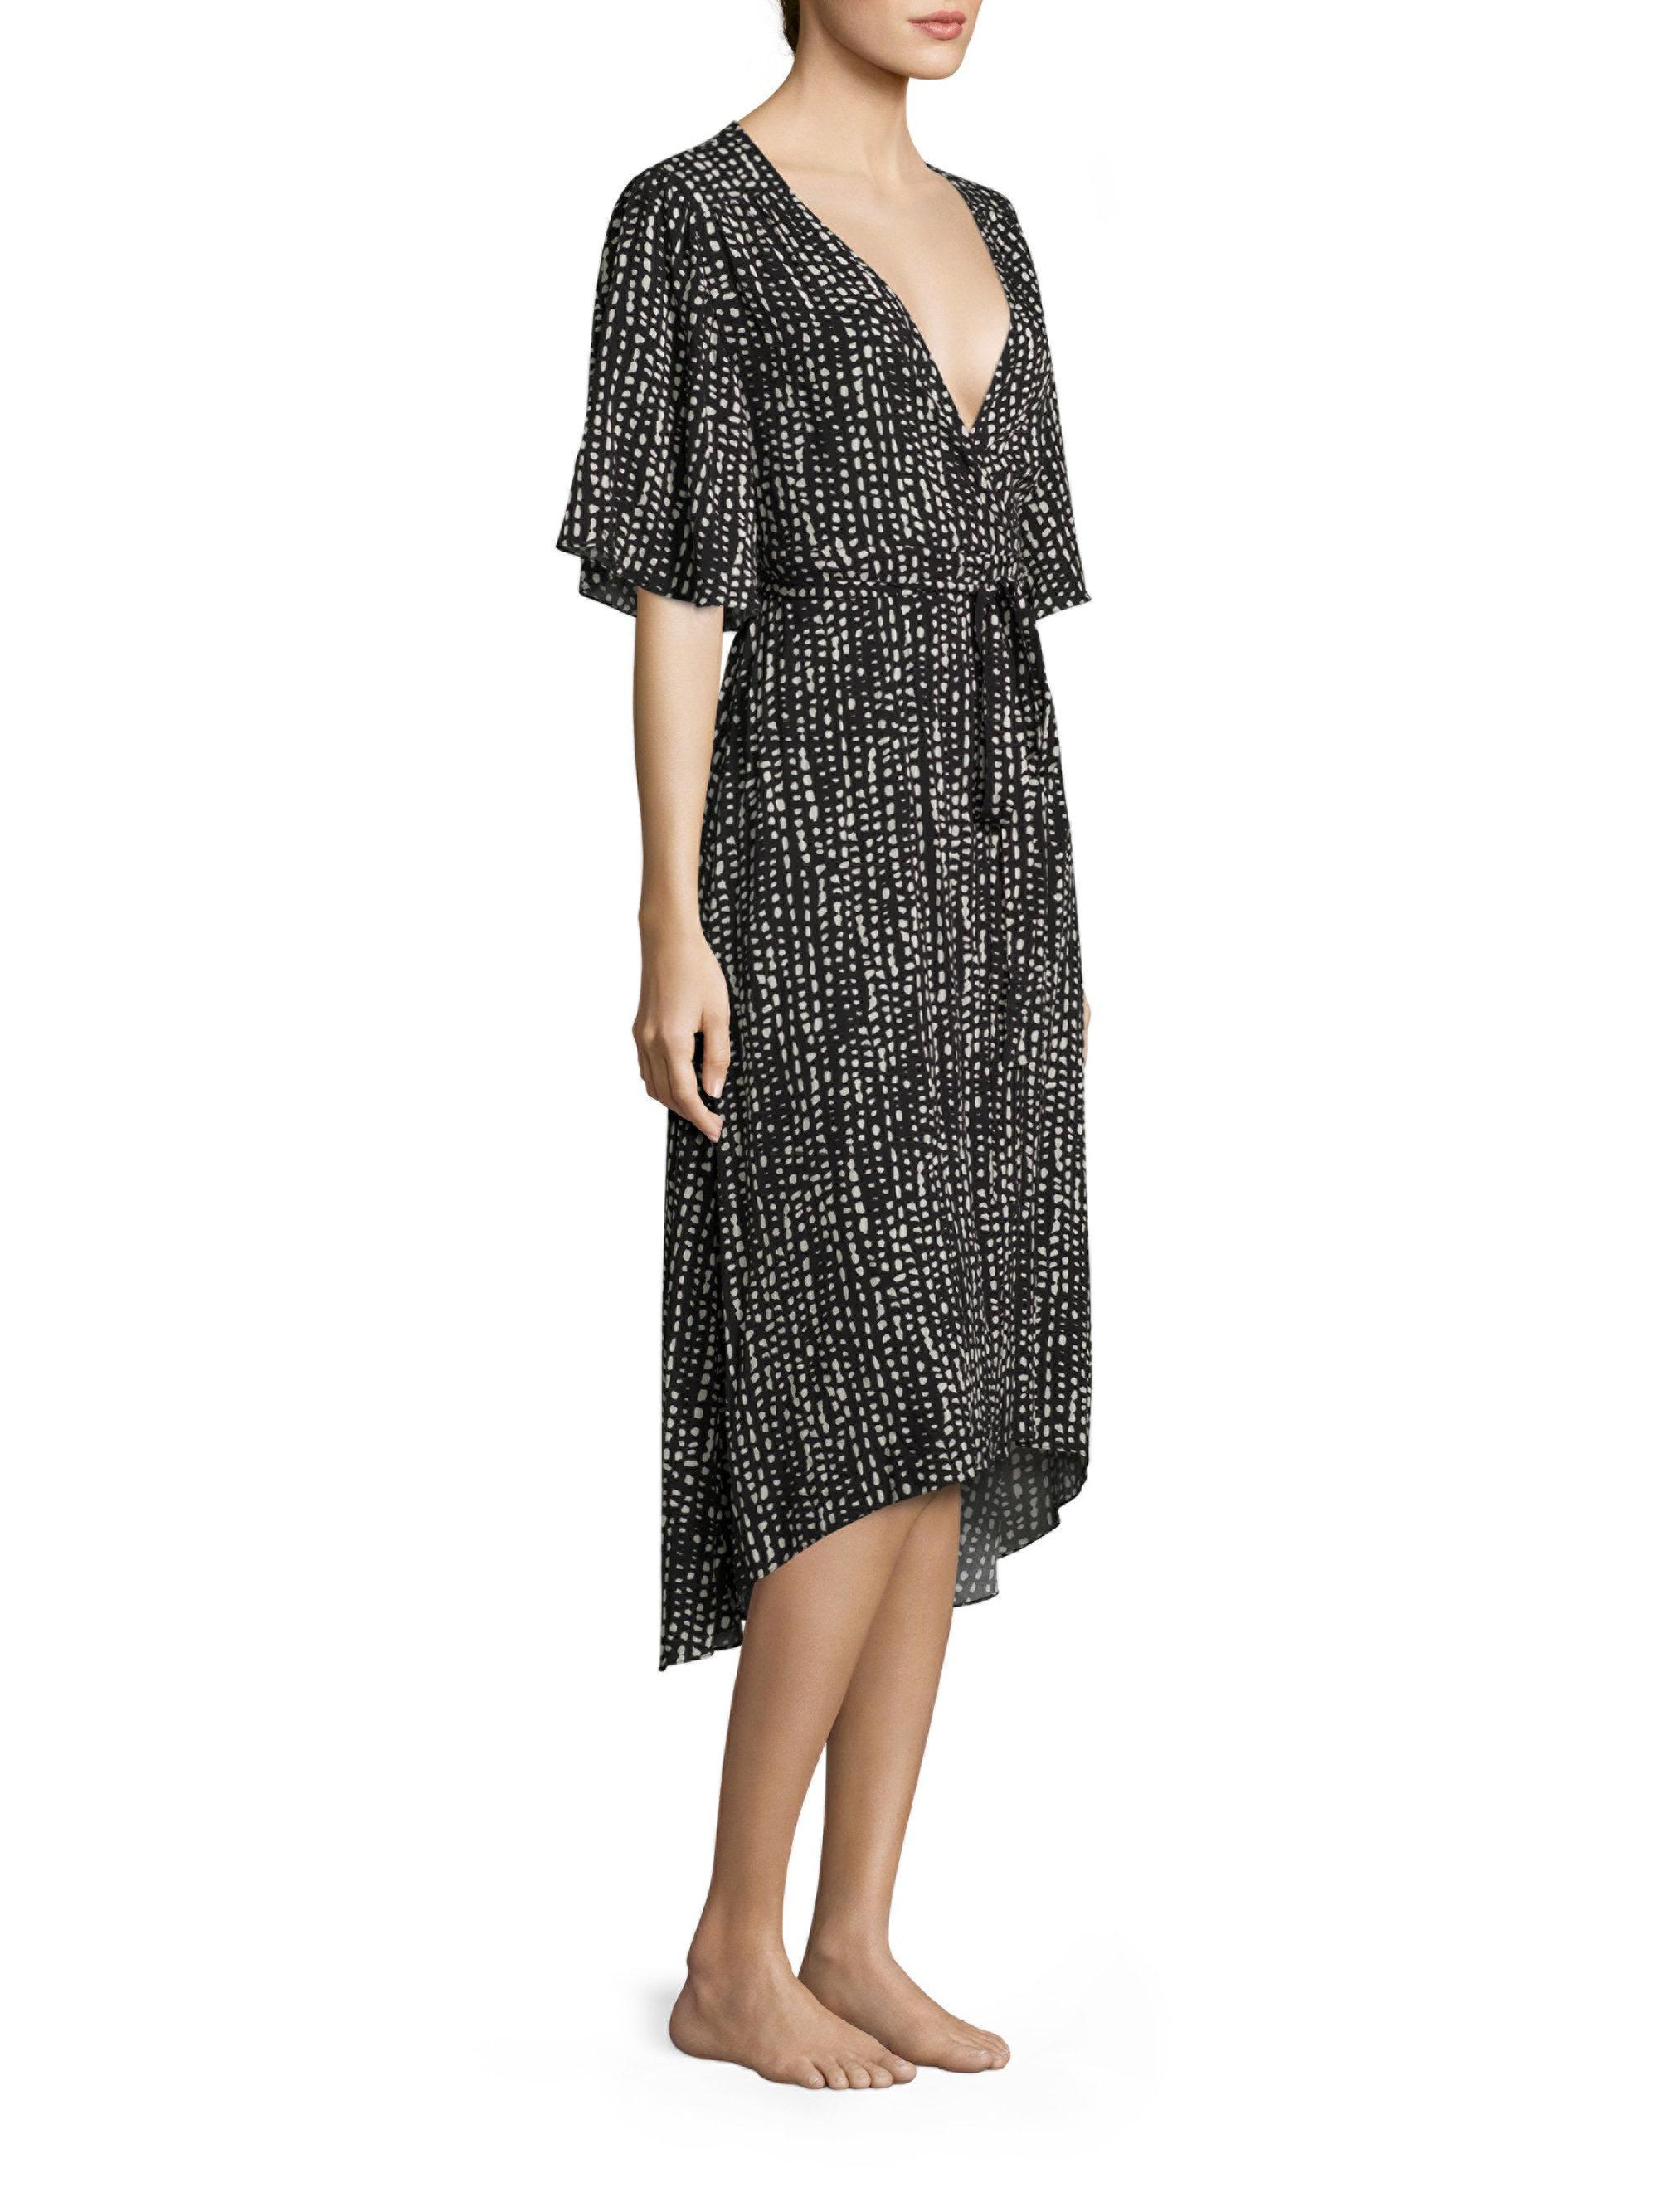 DRESSES - Knee-length dresses Vix nCr0WMp